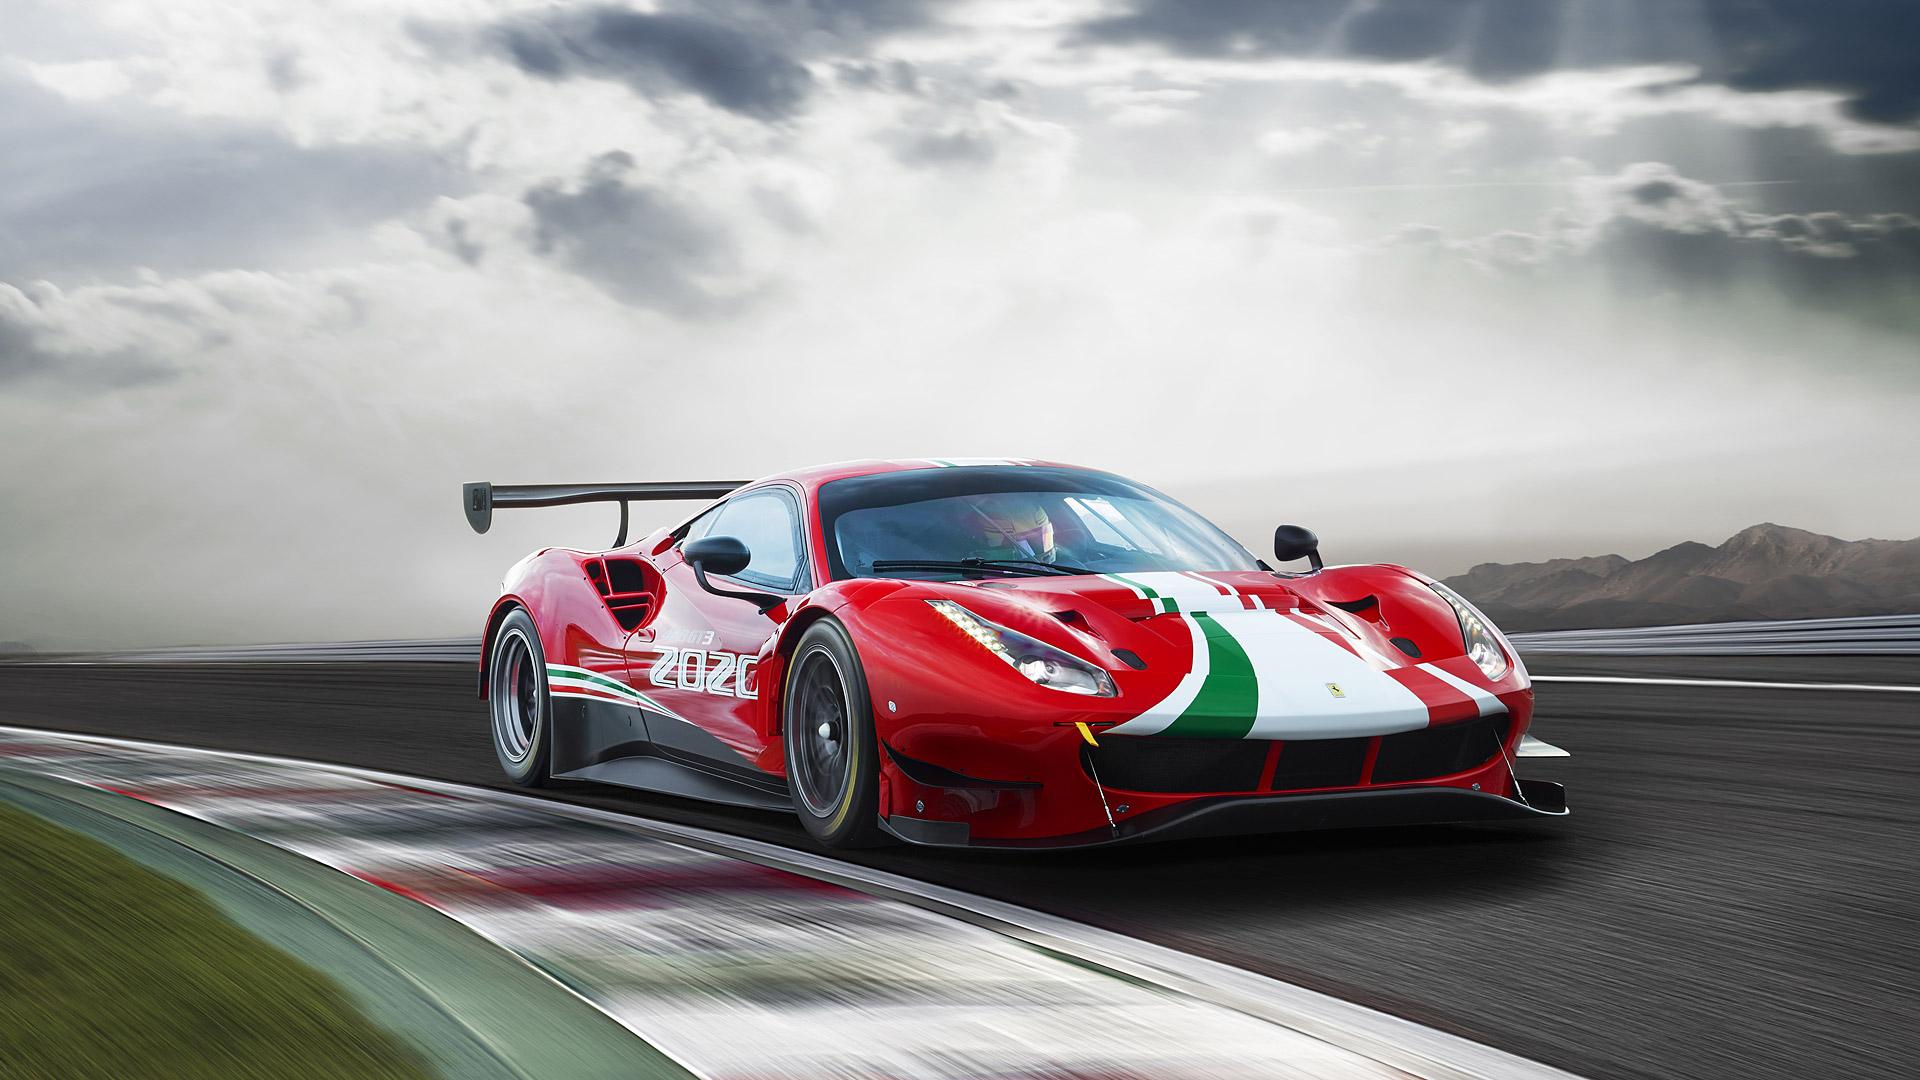 2020 Ferrari 488 GT3 Evo Wallpapers Specs Videos   4K HD 1920x1080